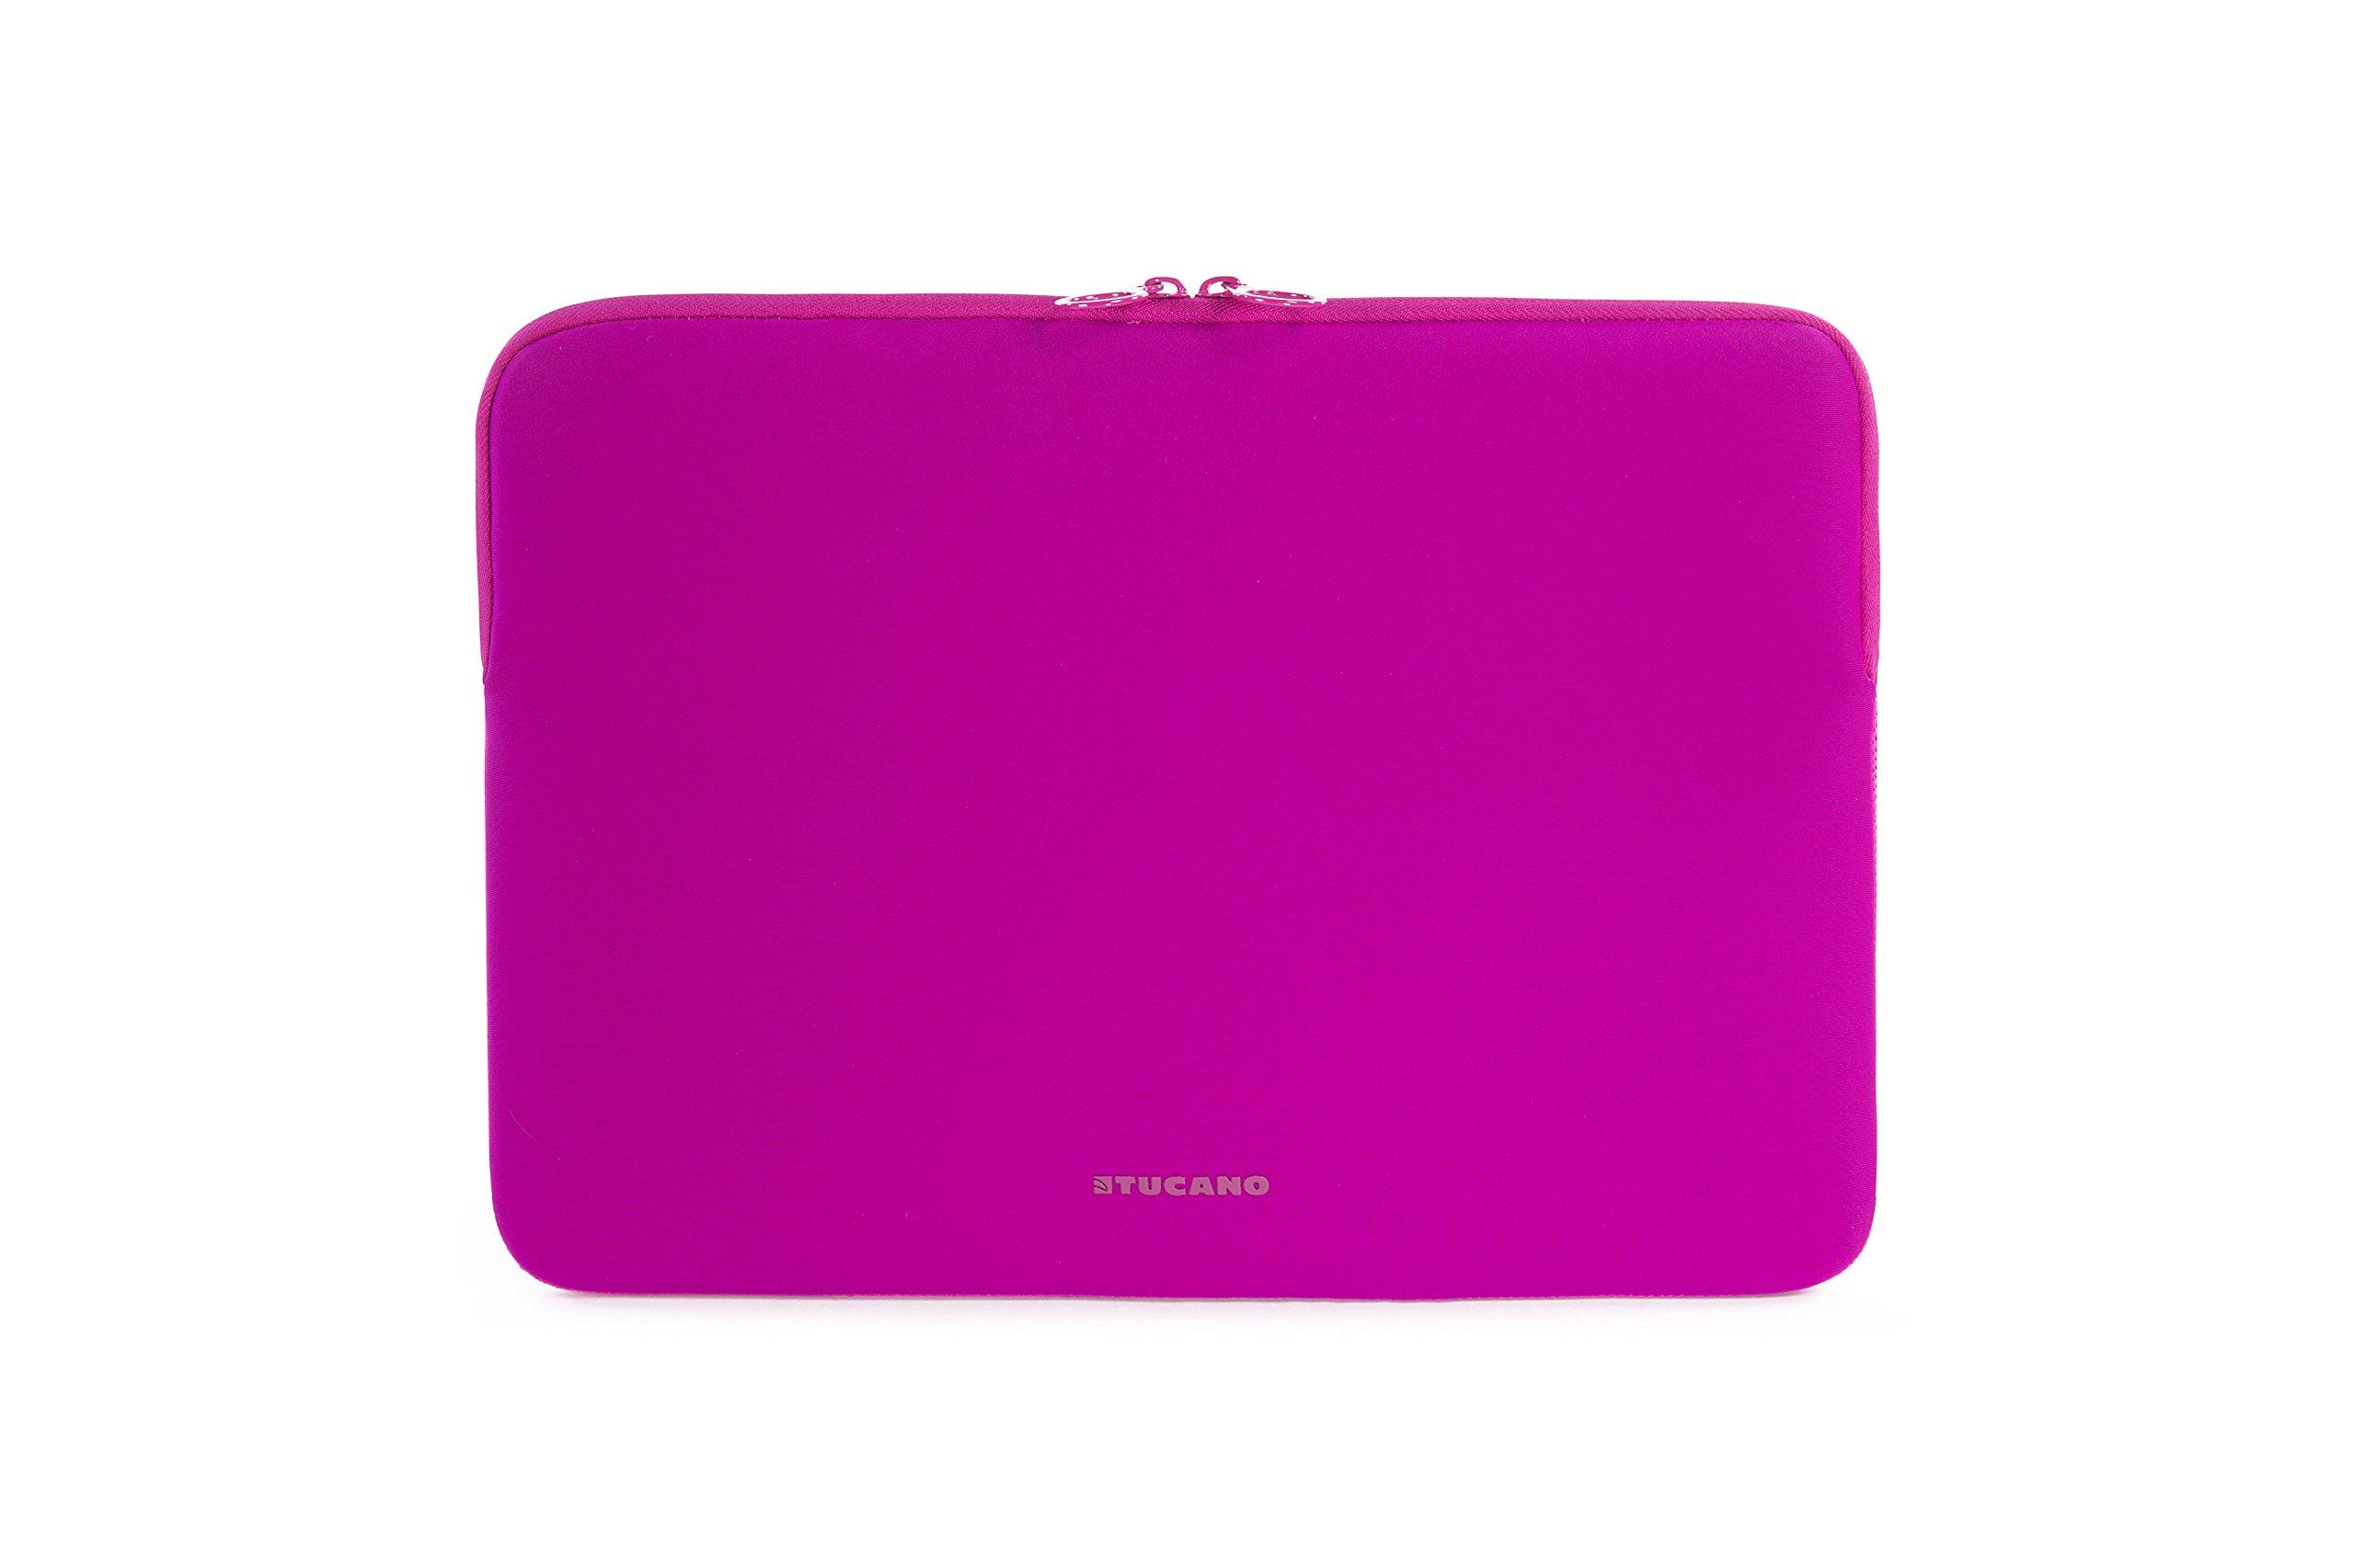 TUCANO BFTMB15-F Laptop Computer Bags & Cases